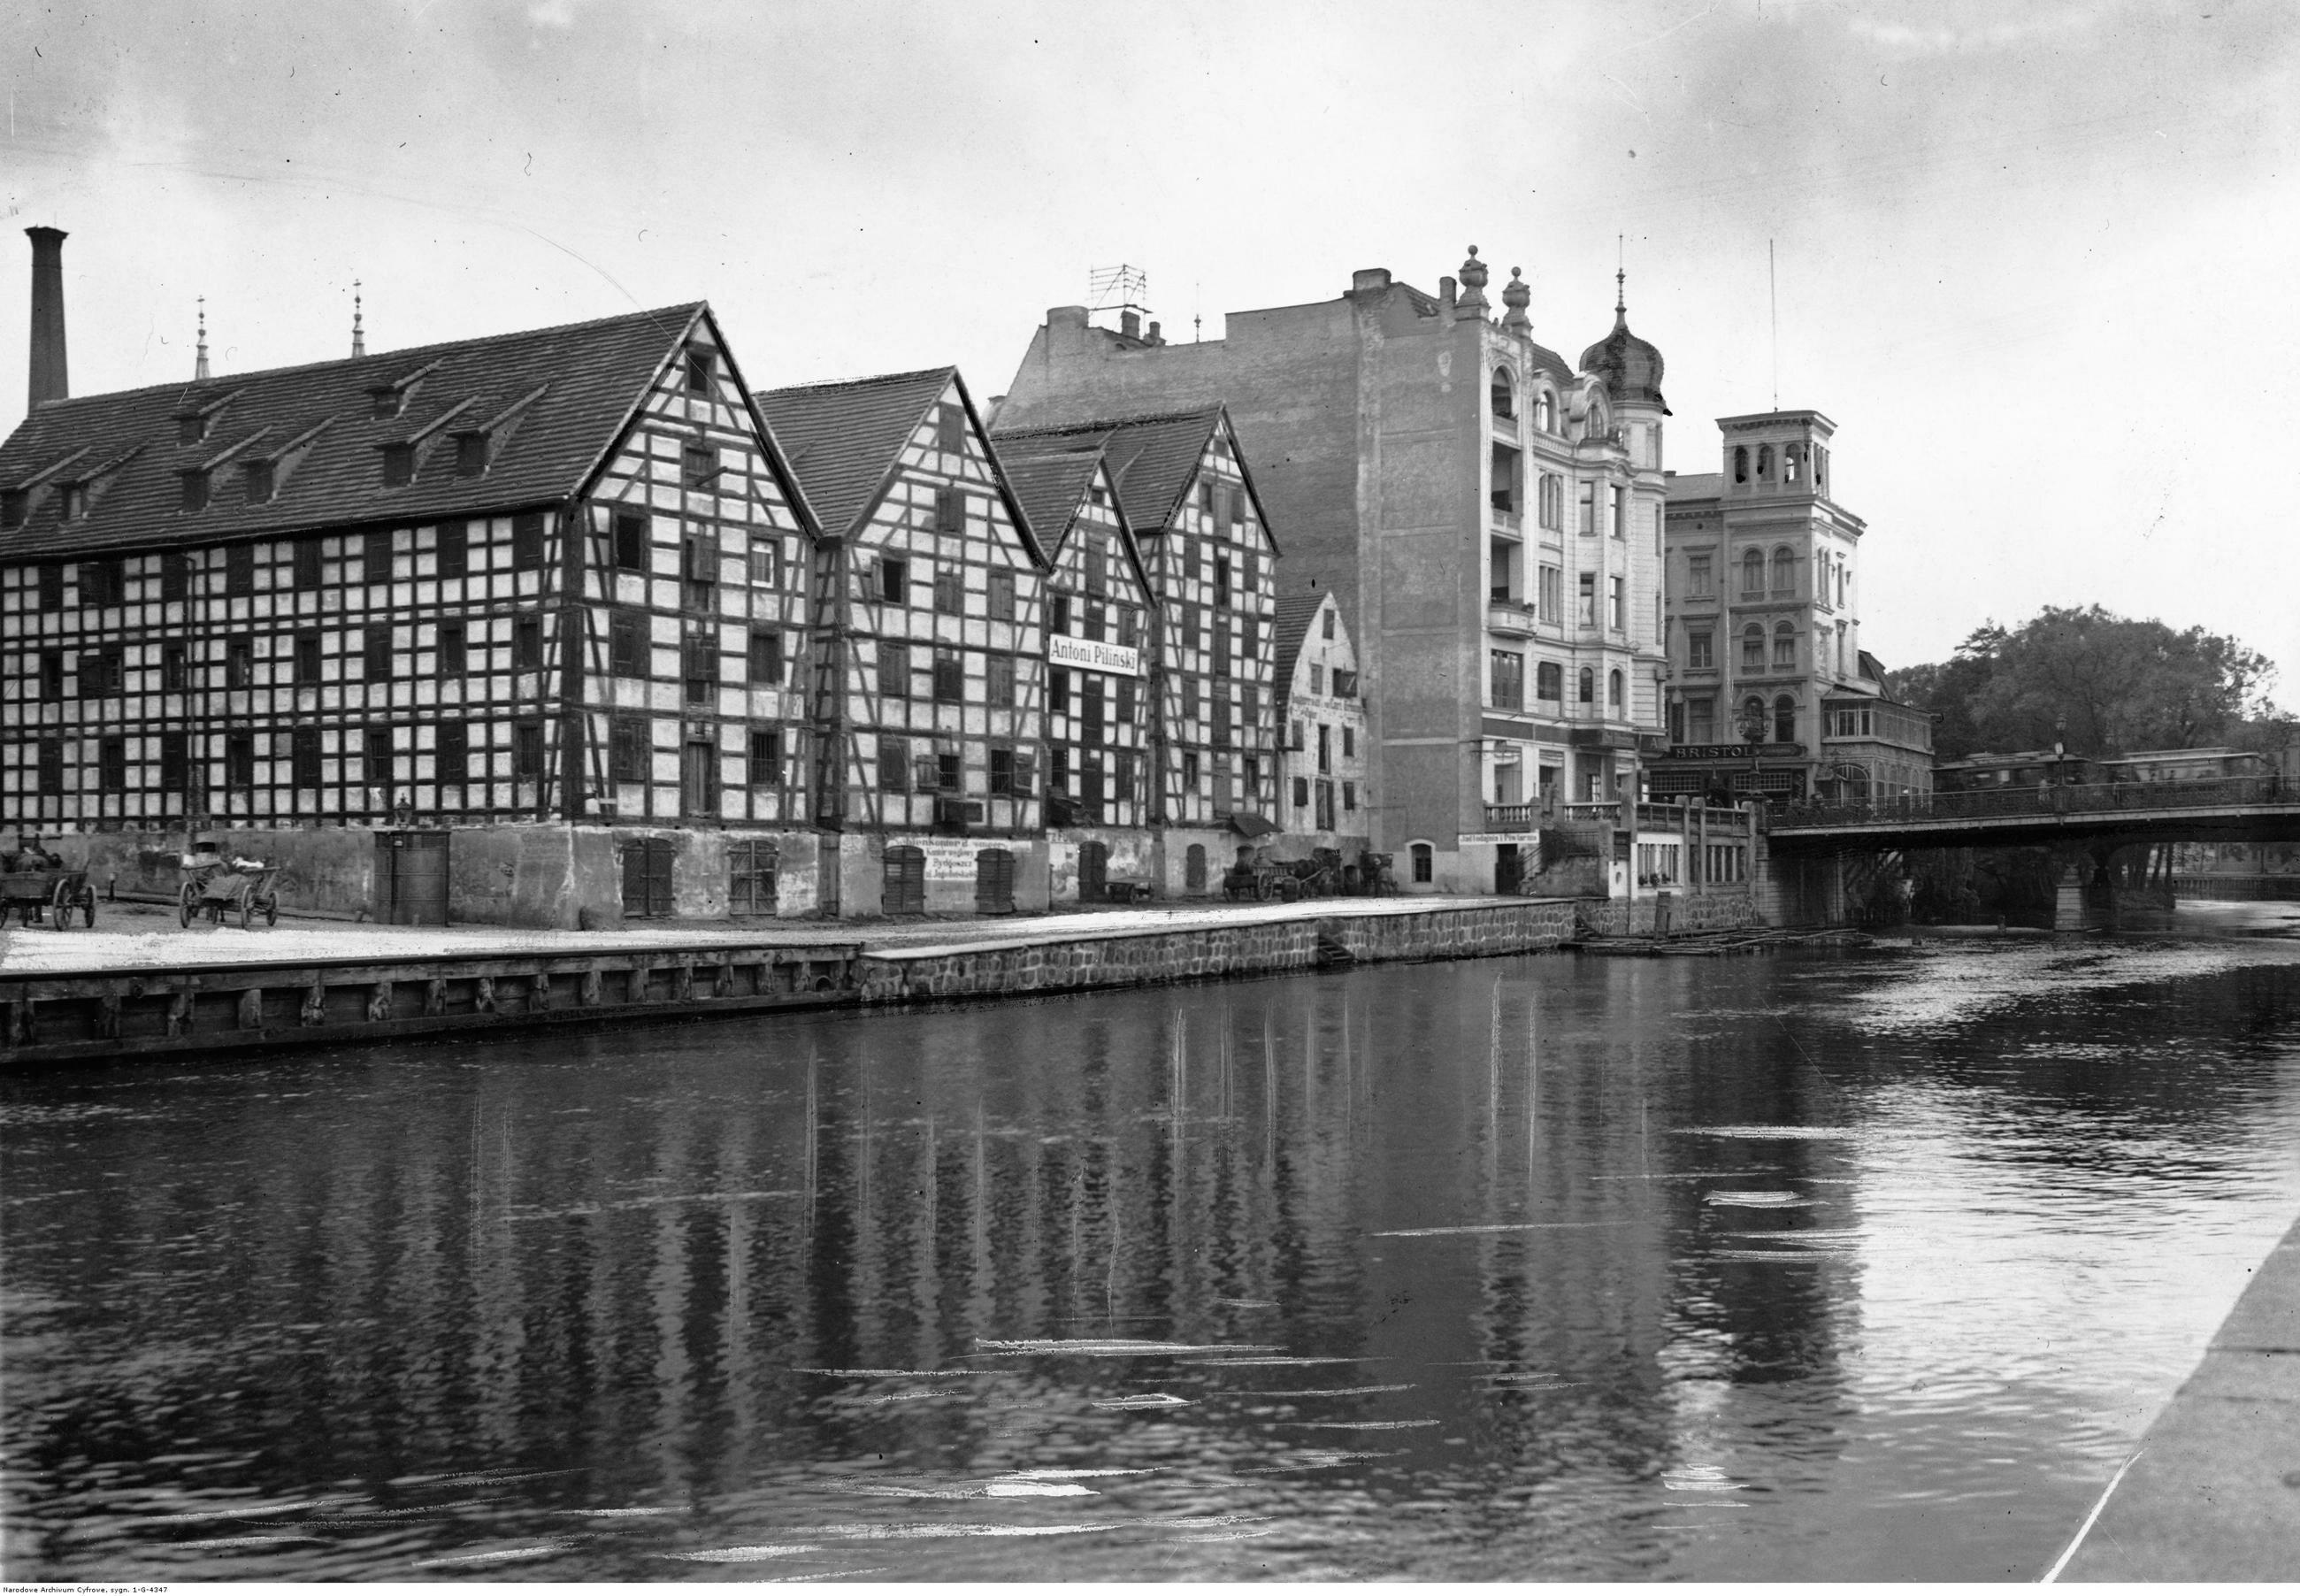 Bydgoszcz W 1939 r. Bydgoszcz była największym miastem województwa pomorskiego, nie była jednak jego stolicą, ponieważ w granicach województwa znalazła się dopiero w 1938 r. Wcześnie miasto znajdowało się w woj. poznańskim. Po odzyskaniu niepodległości Gdańsk stał się wolnym miastem, a Gdynia była jeszcze wsią rybacką. Dlatego stolicą Pomorza uczyniono Toruń, który był wówczas największym miastem regionu, w 1931 r. liczył 62 tys. mieszkańców. Dwukrotnie mniej od Bydgoszczy. Liczba ludności w 1939 r.: 141 tys., obecnie: 354 tys. Na zdjęciu: spichlerze nad Brdą.